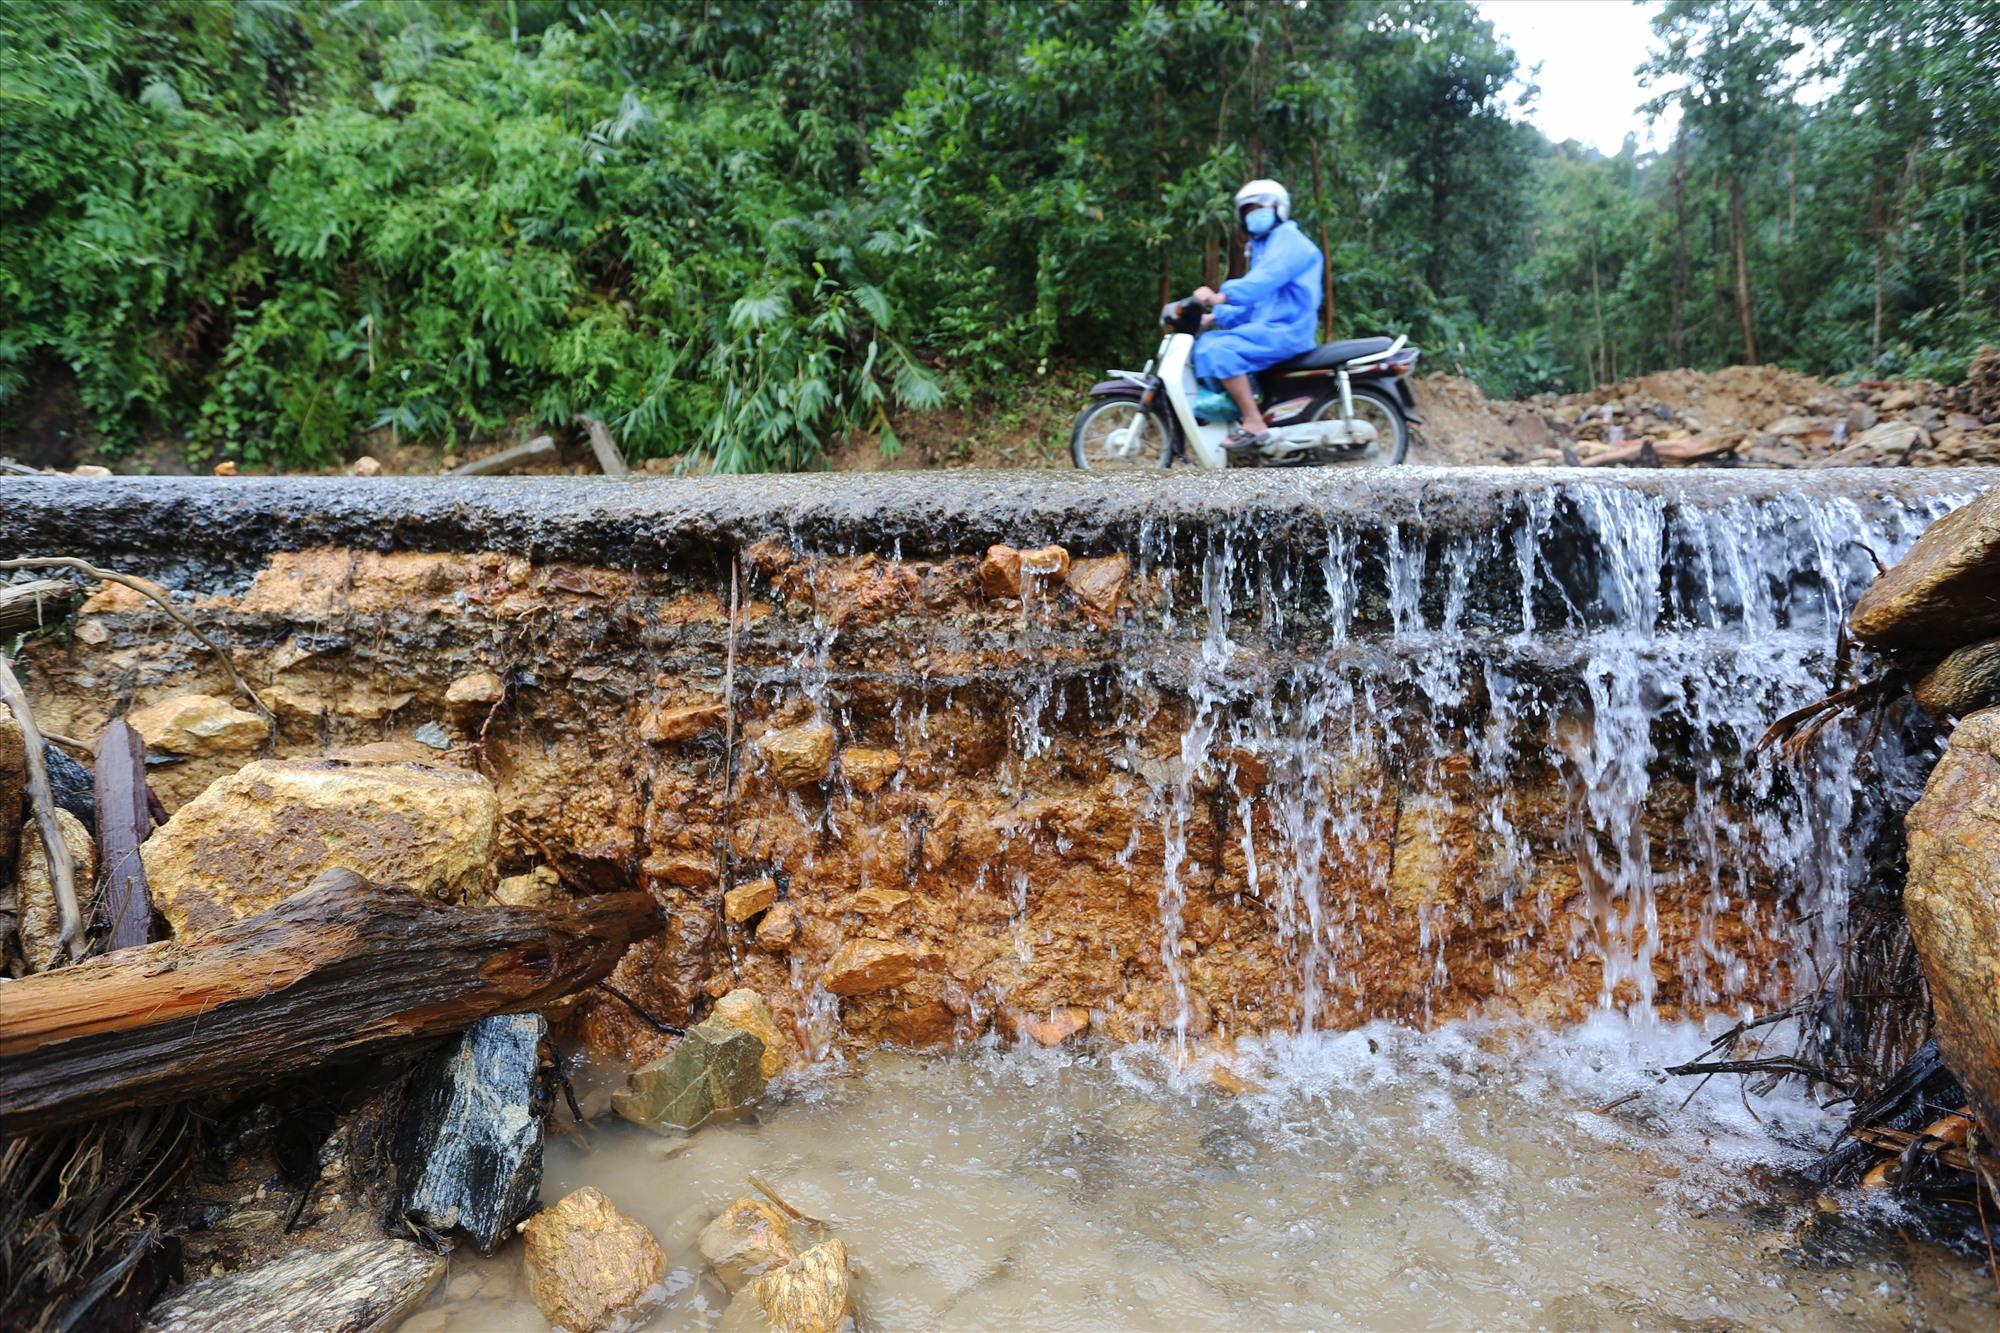 Đất đá, cây cối, nước tràn xuống đường được đơn vị quản lý thu dọn tạo lối đi, sau khi tuyến thì tiến hành khắc phục, sửa chữa trả lại hiện trạng như xưa.